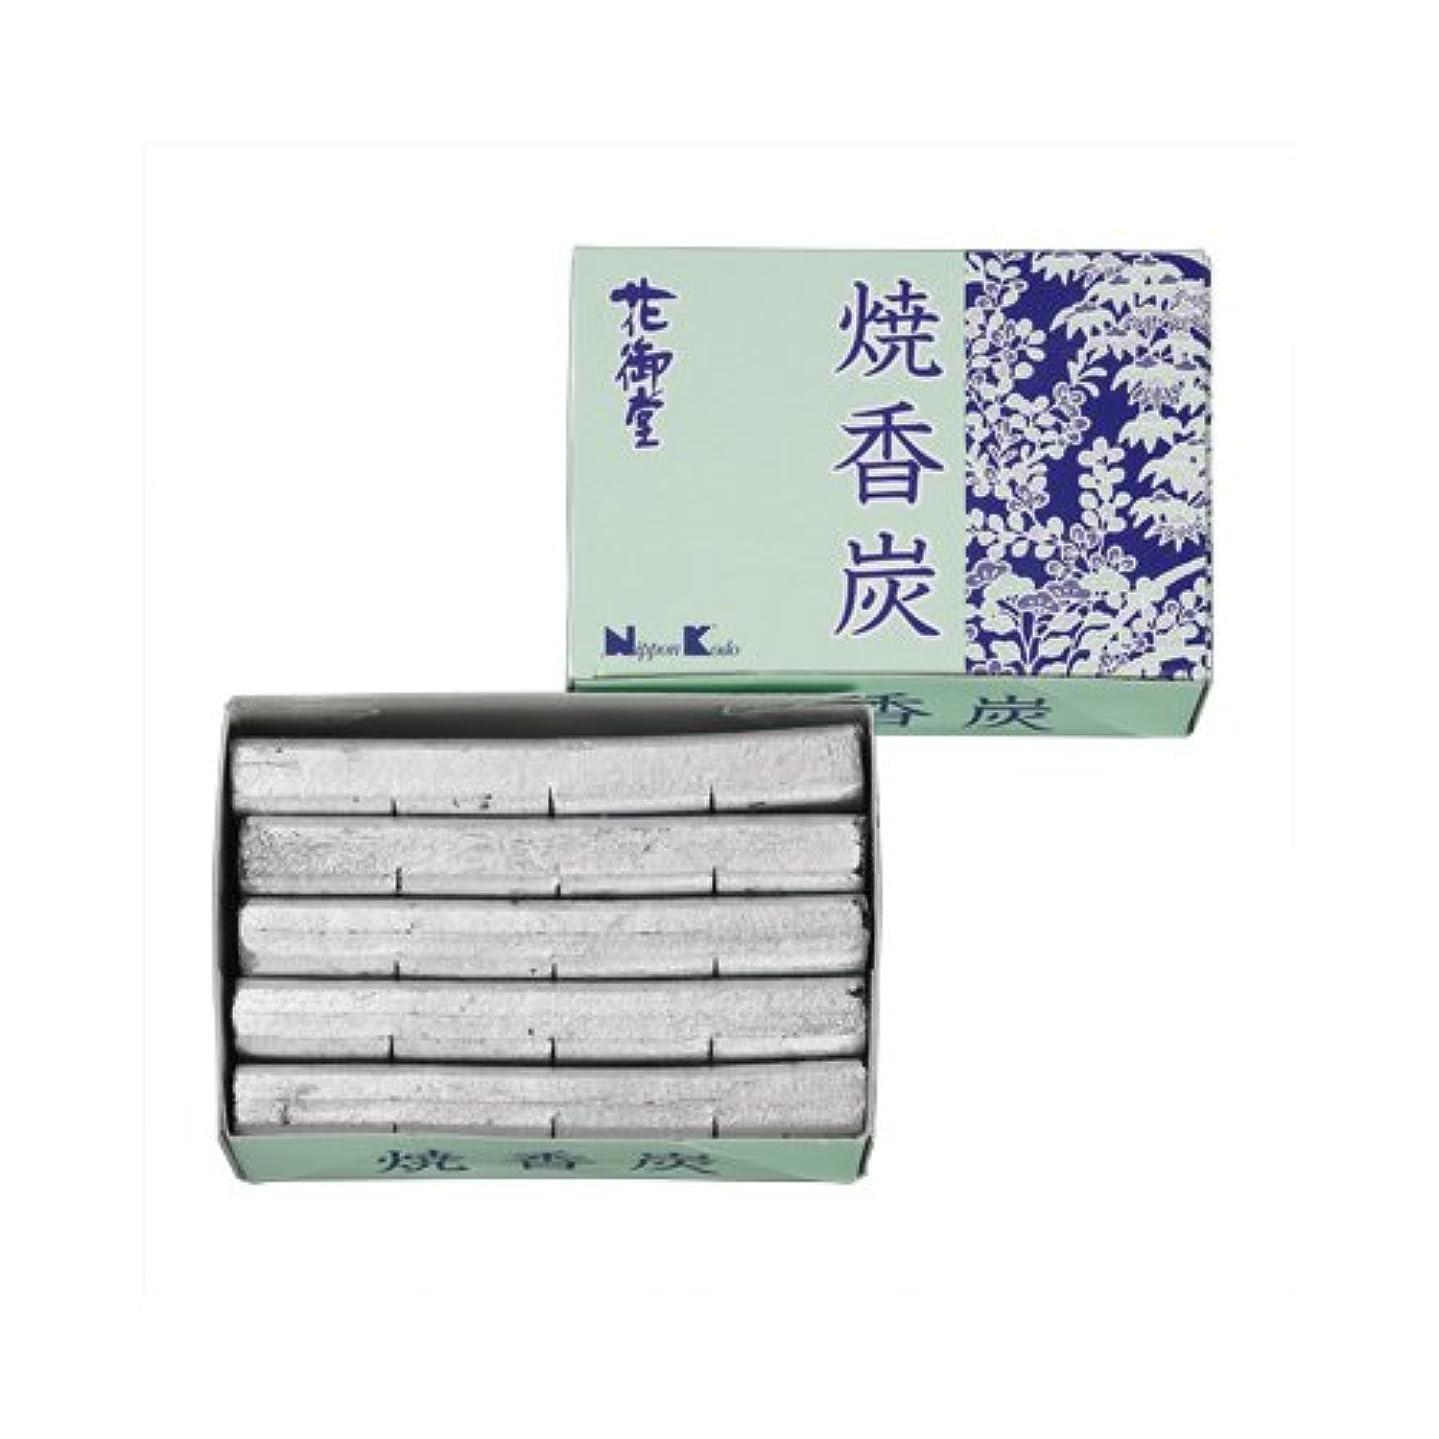 花御堂 焼香炭 #92011